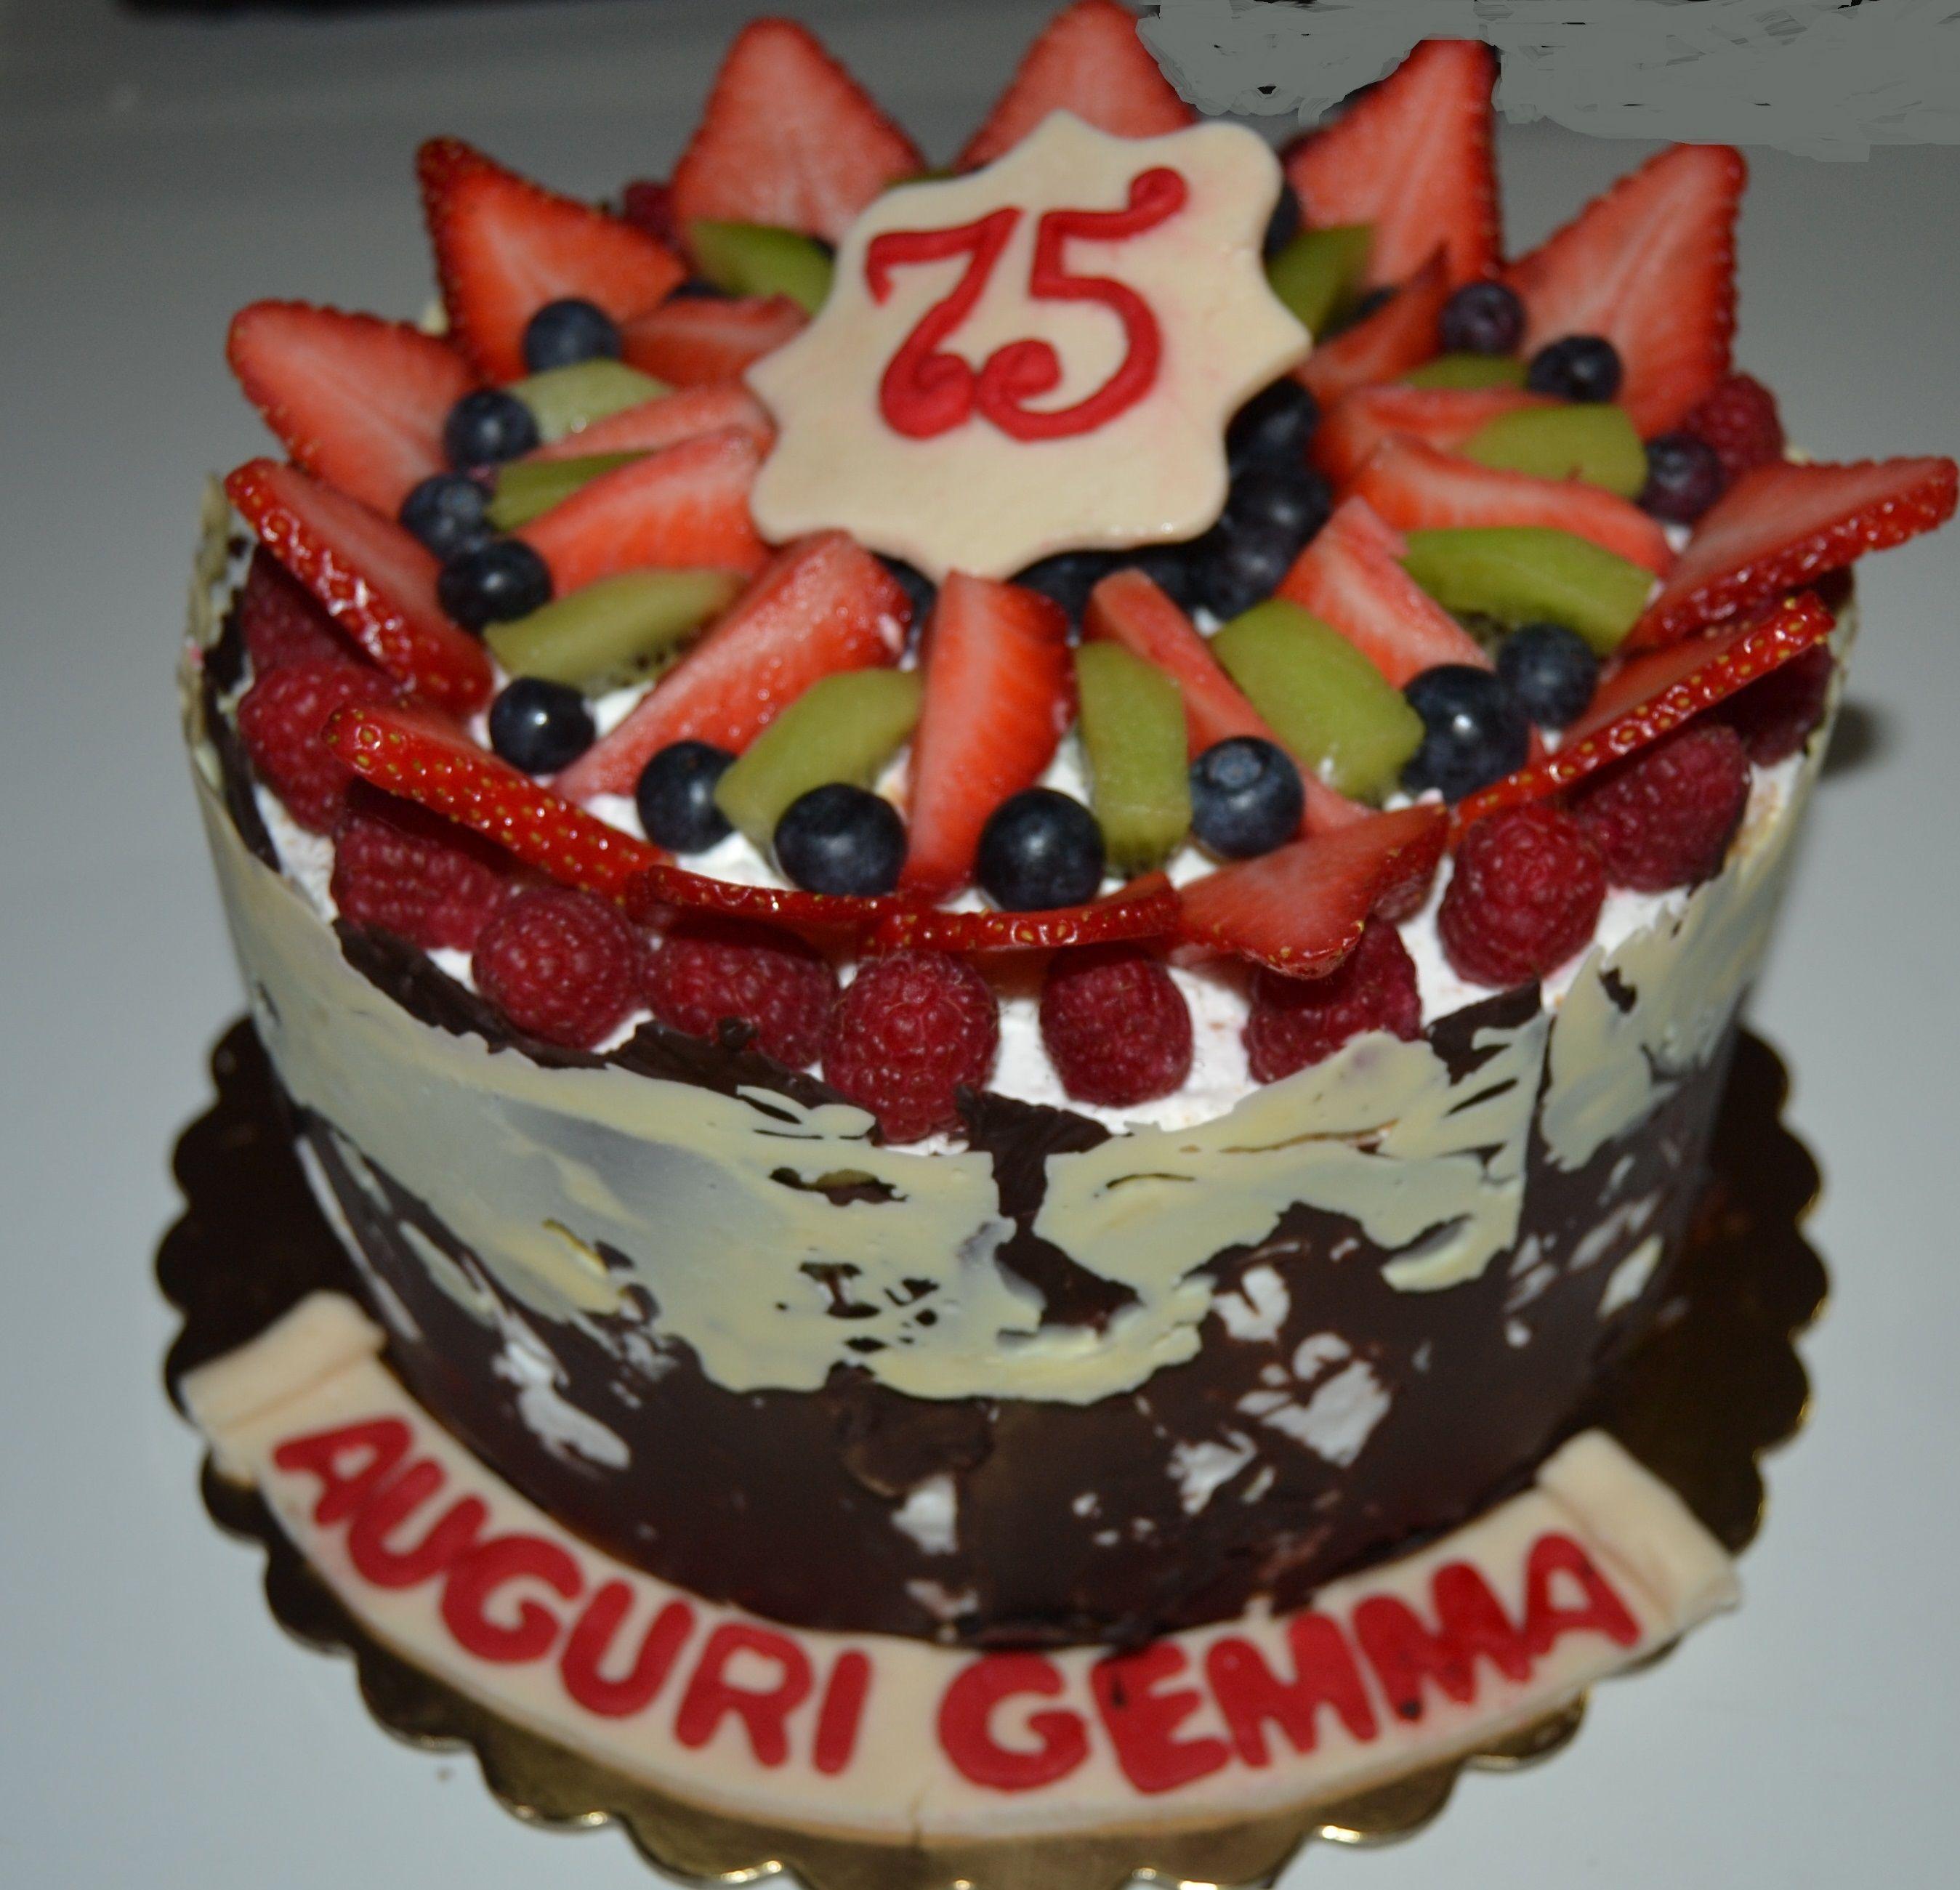 Per il compleanno della nonna Gemma, la torta dei suoi nipoti